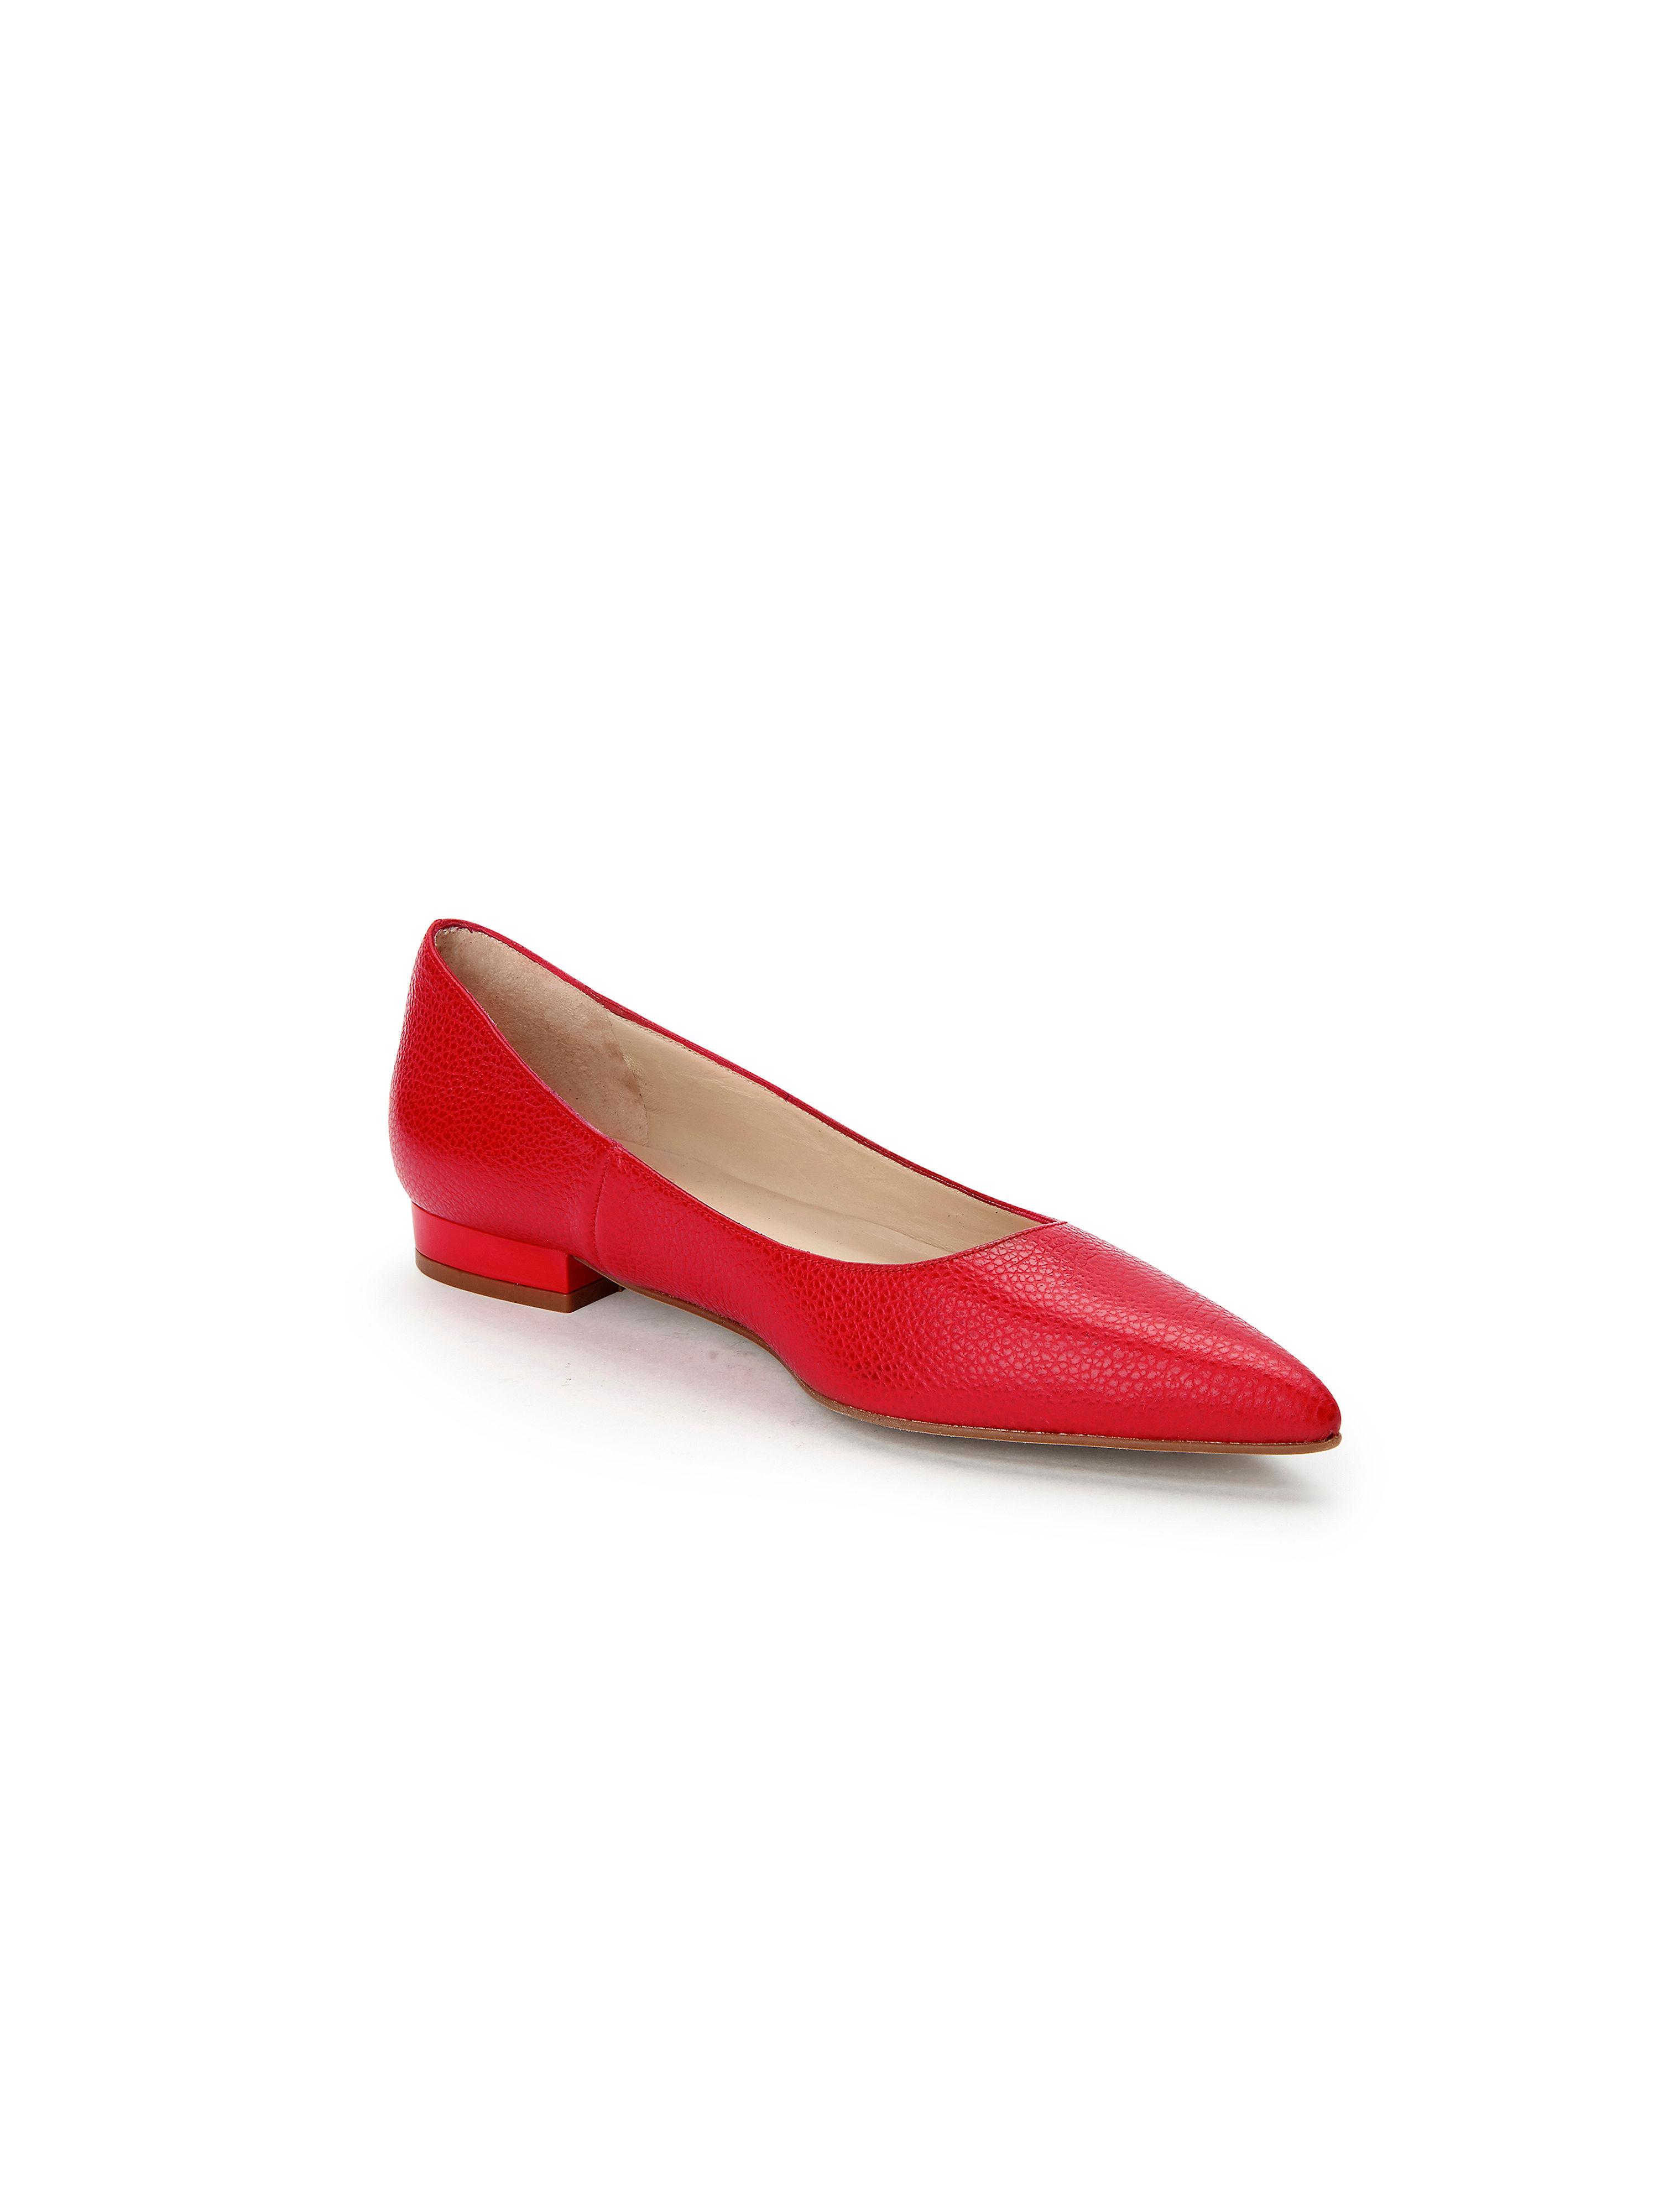 Uta Raasch - Ballerina aus 100% Leder - Rot Gute Qualität beliebte Schuhe